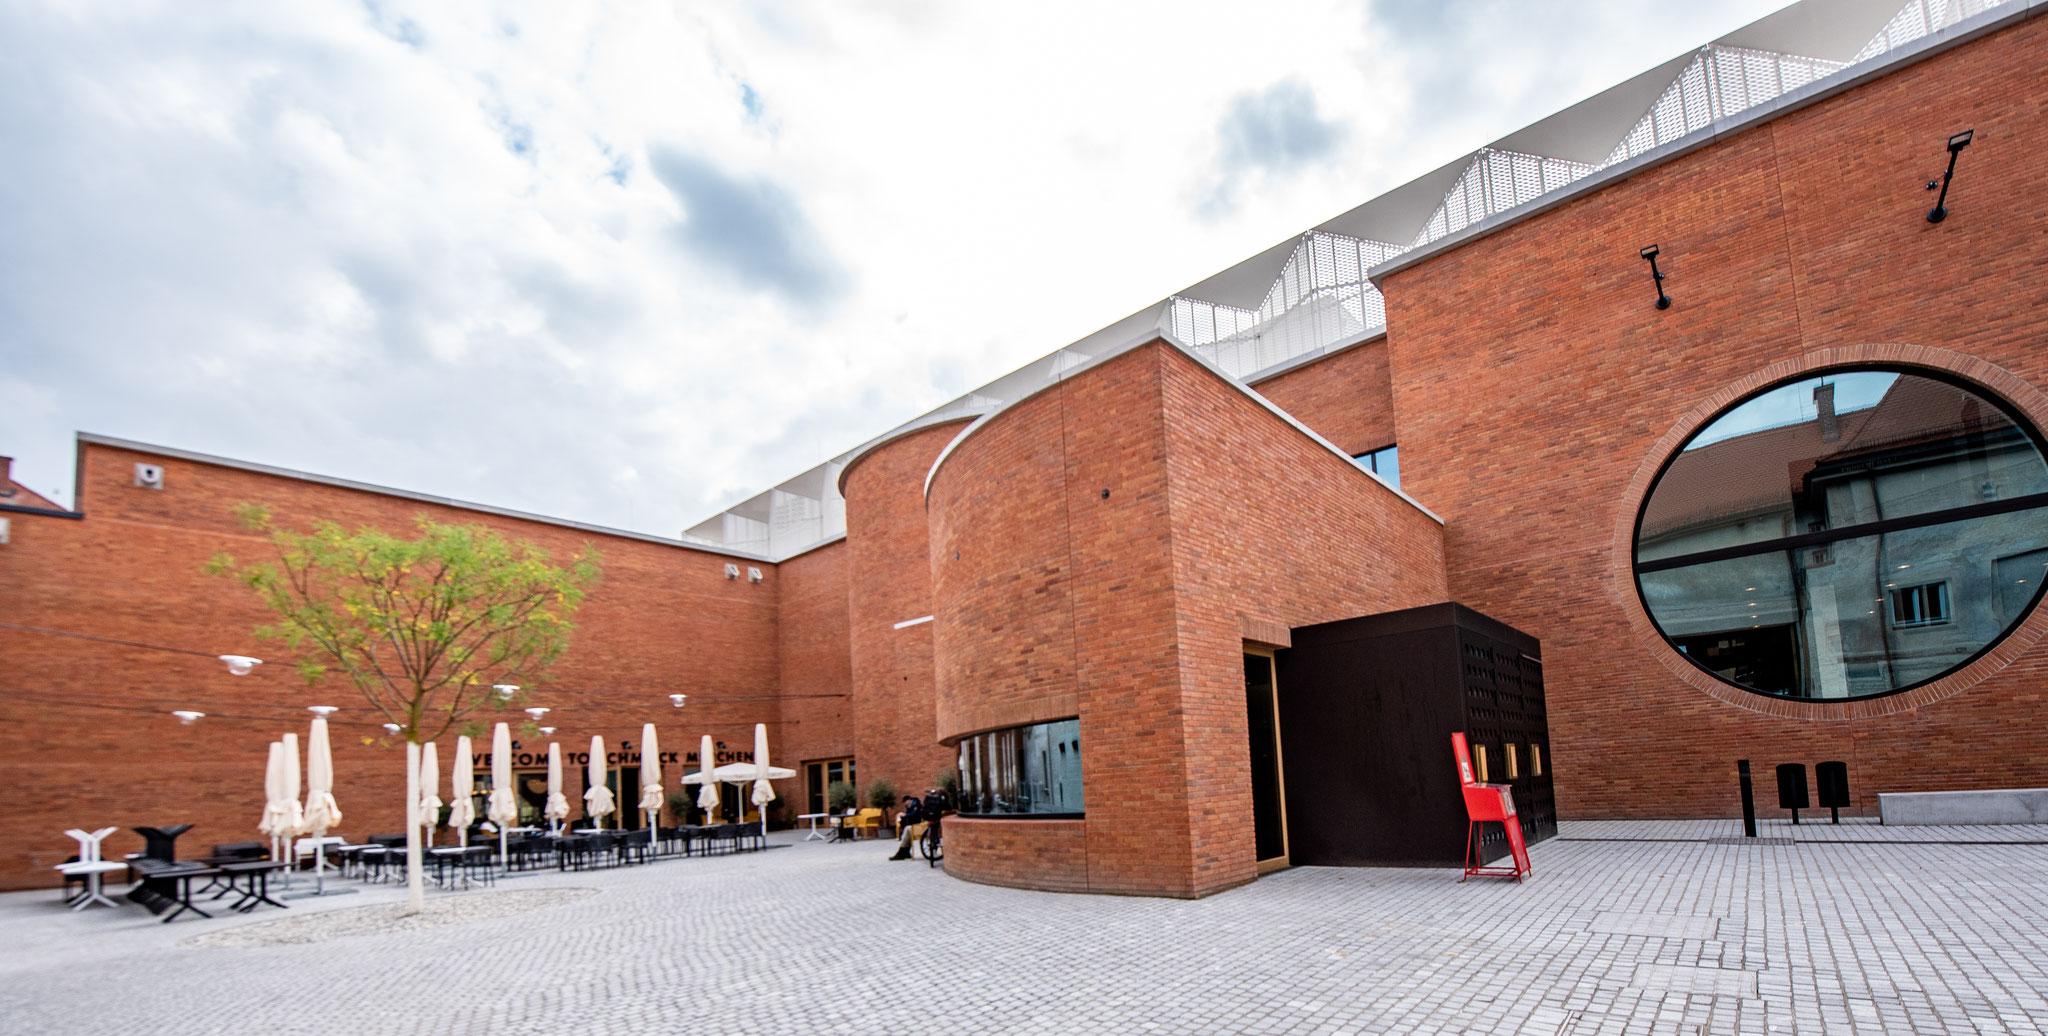 Außenbereich und Eingang zum Theater